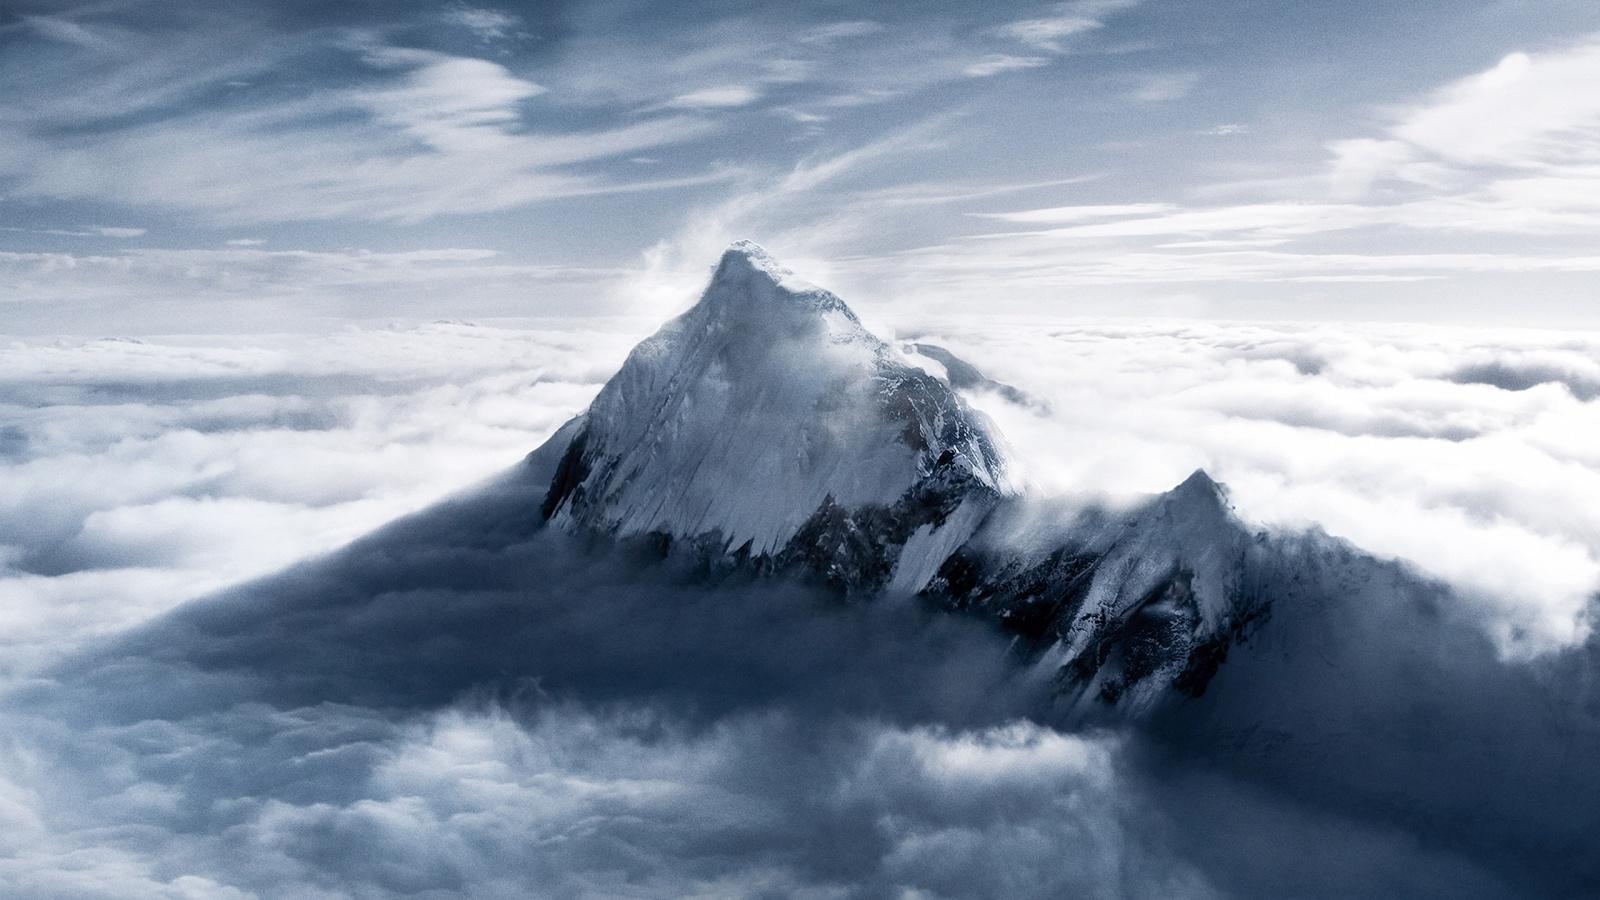 Na szczycie świata – recenzja Everest